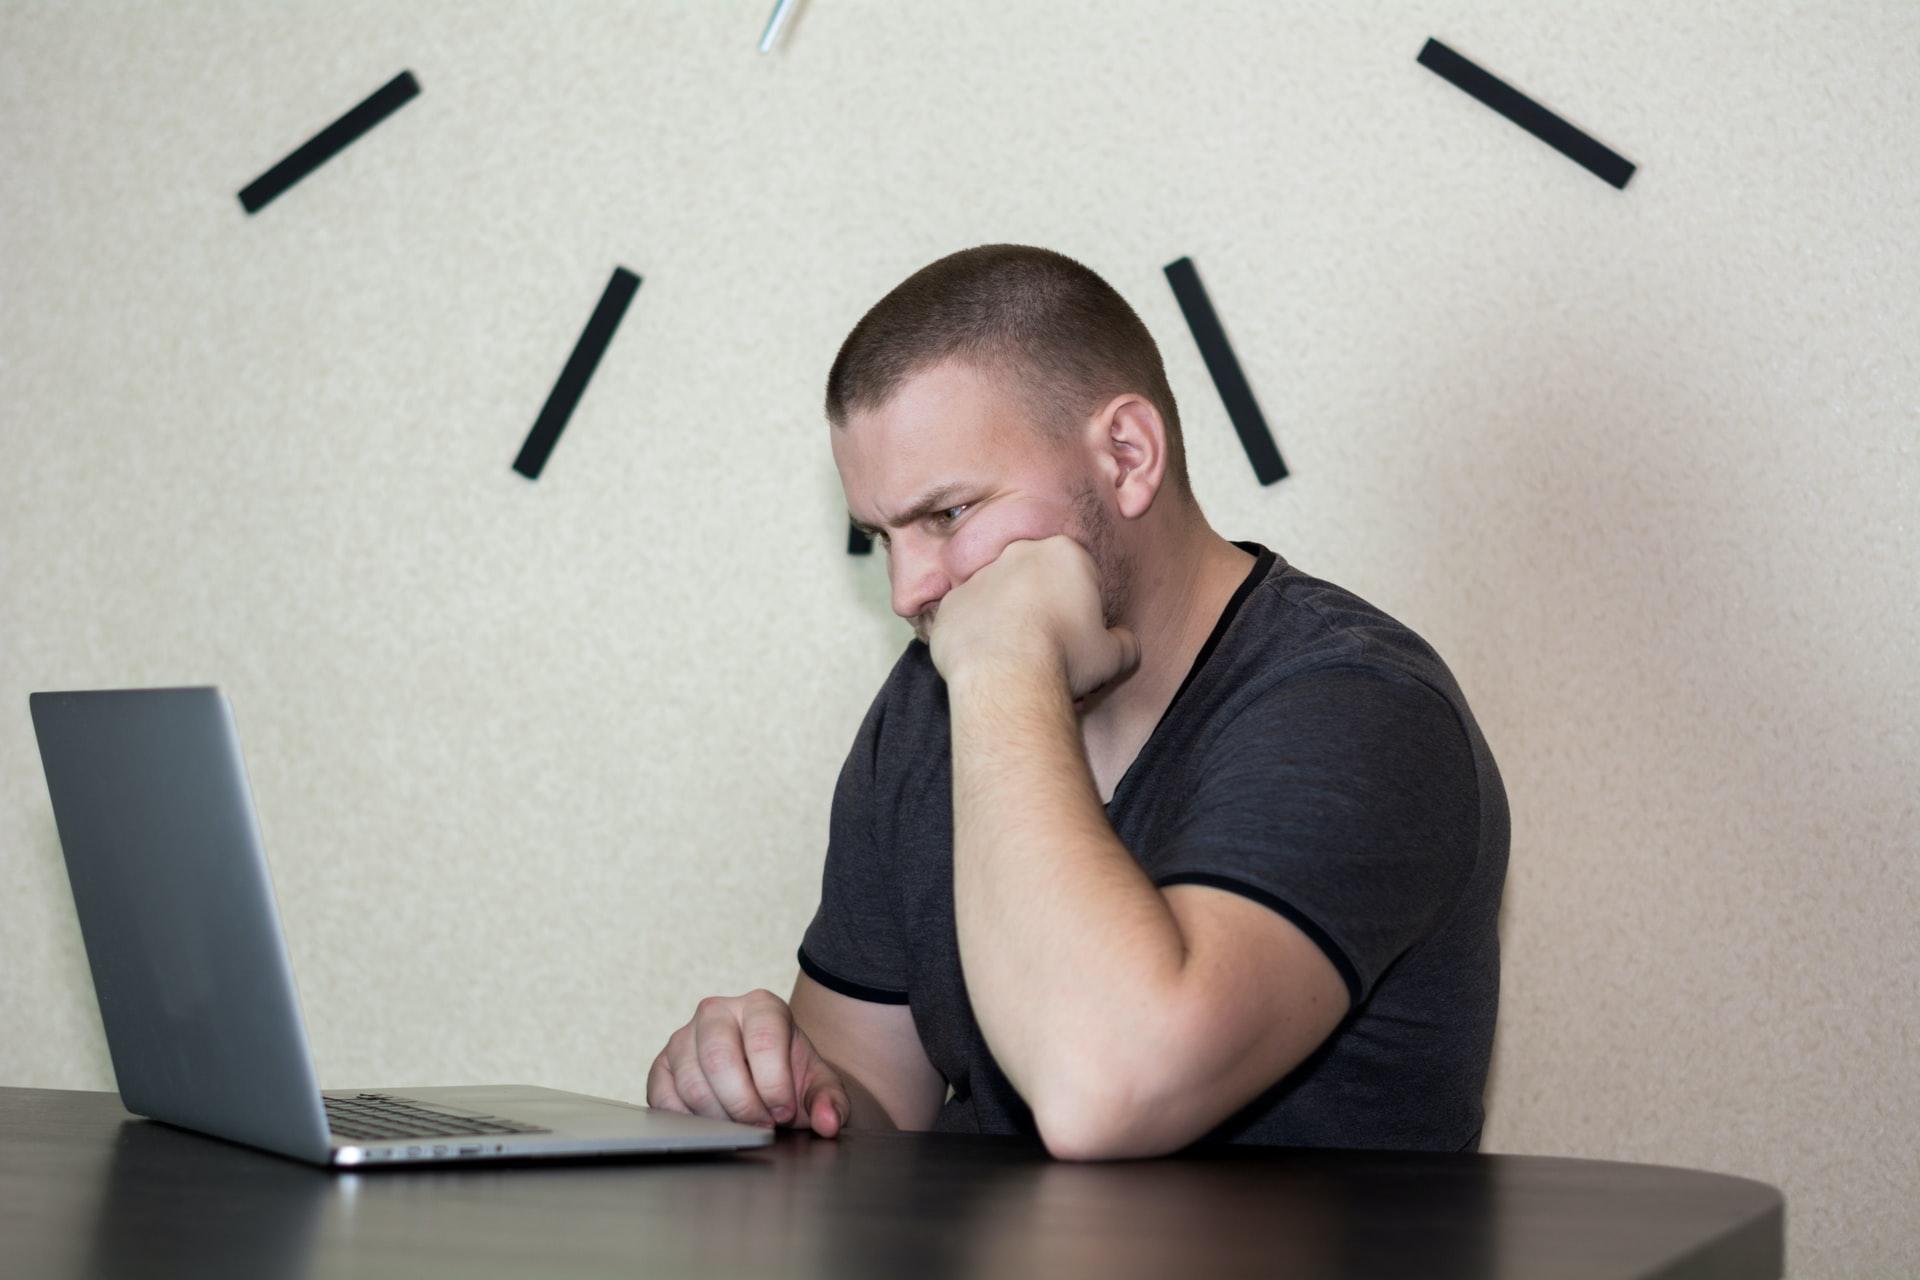 Mann schaut unzufrieden auf Laptop